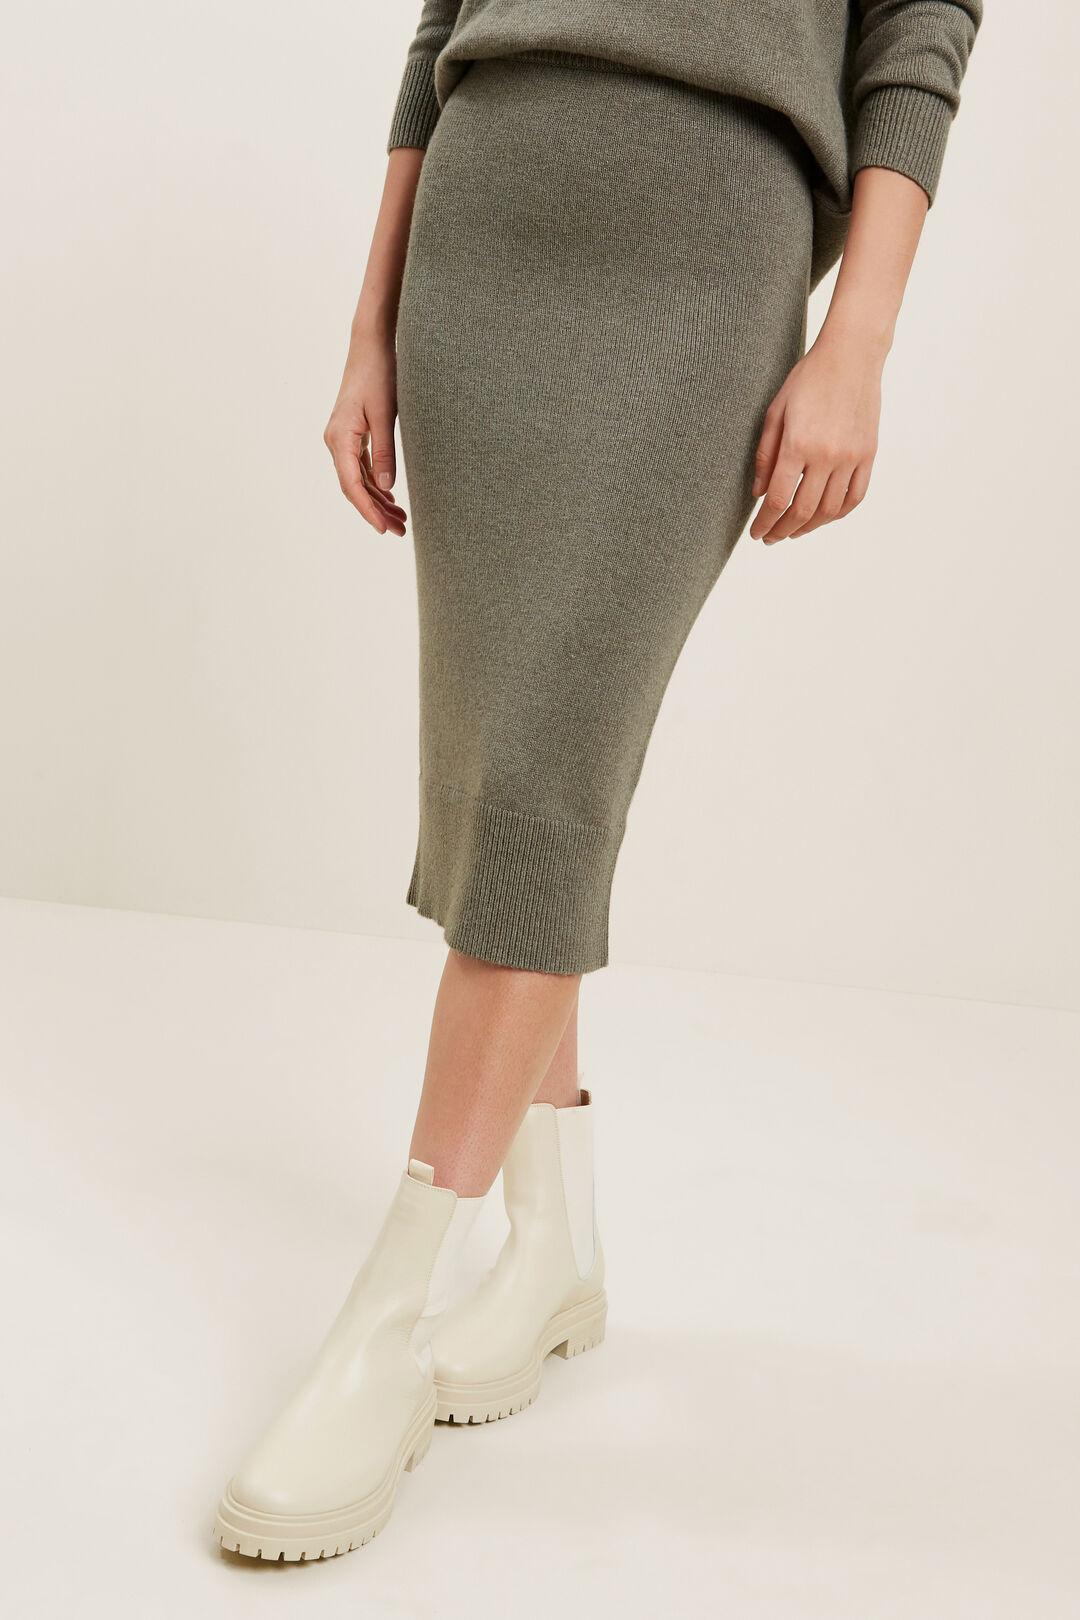 Marle Knit Skirt  OLIVE KHAKI MARLE  hi-res